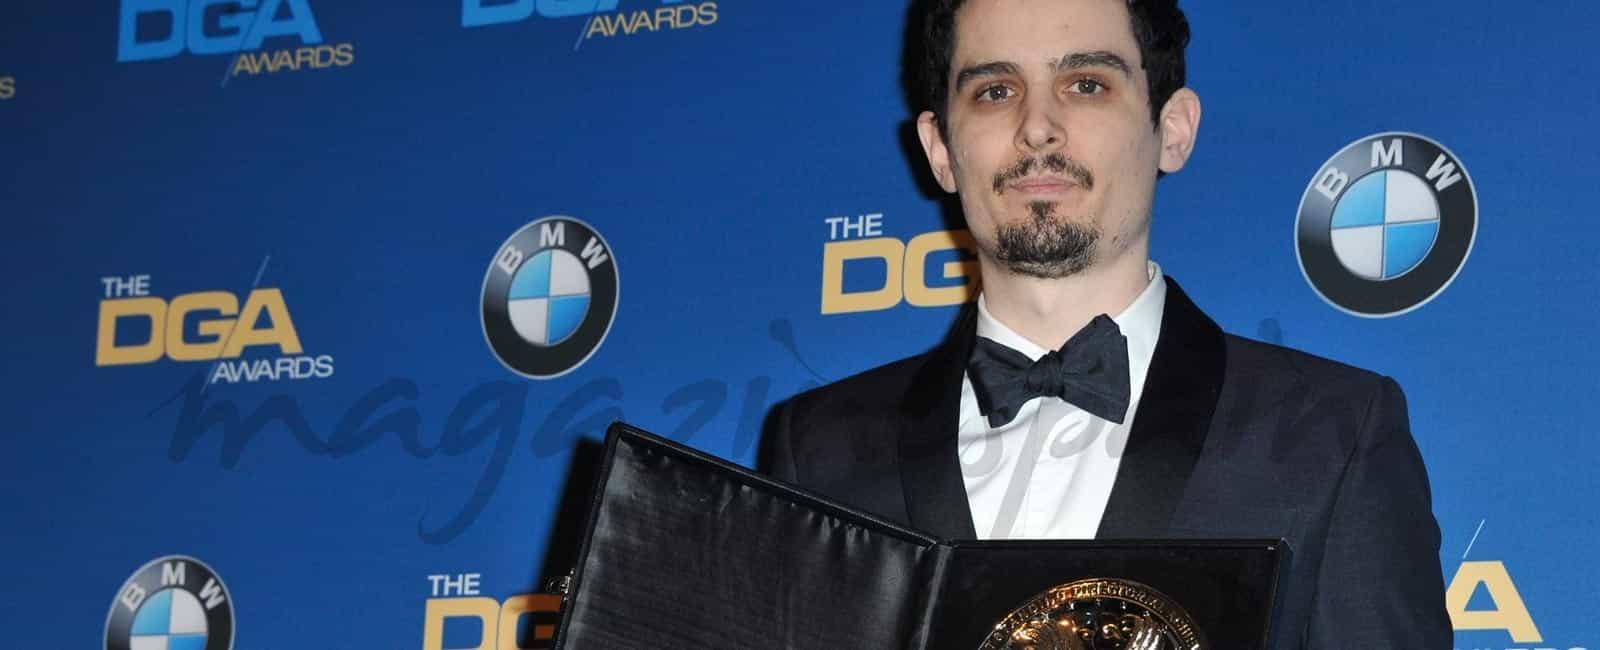 Los directores de Hollywood premian a Damien Chazelle (La la Land)